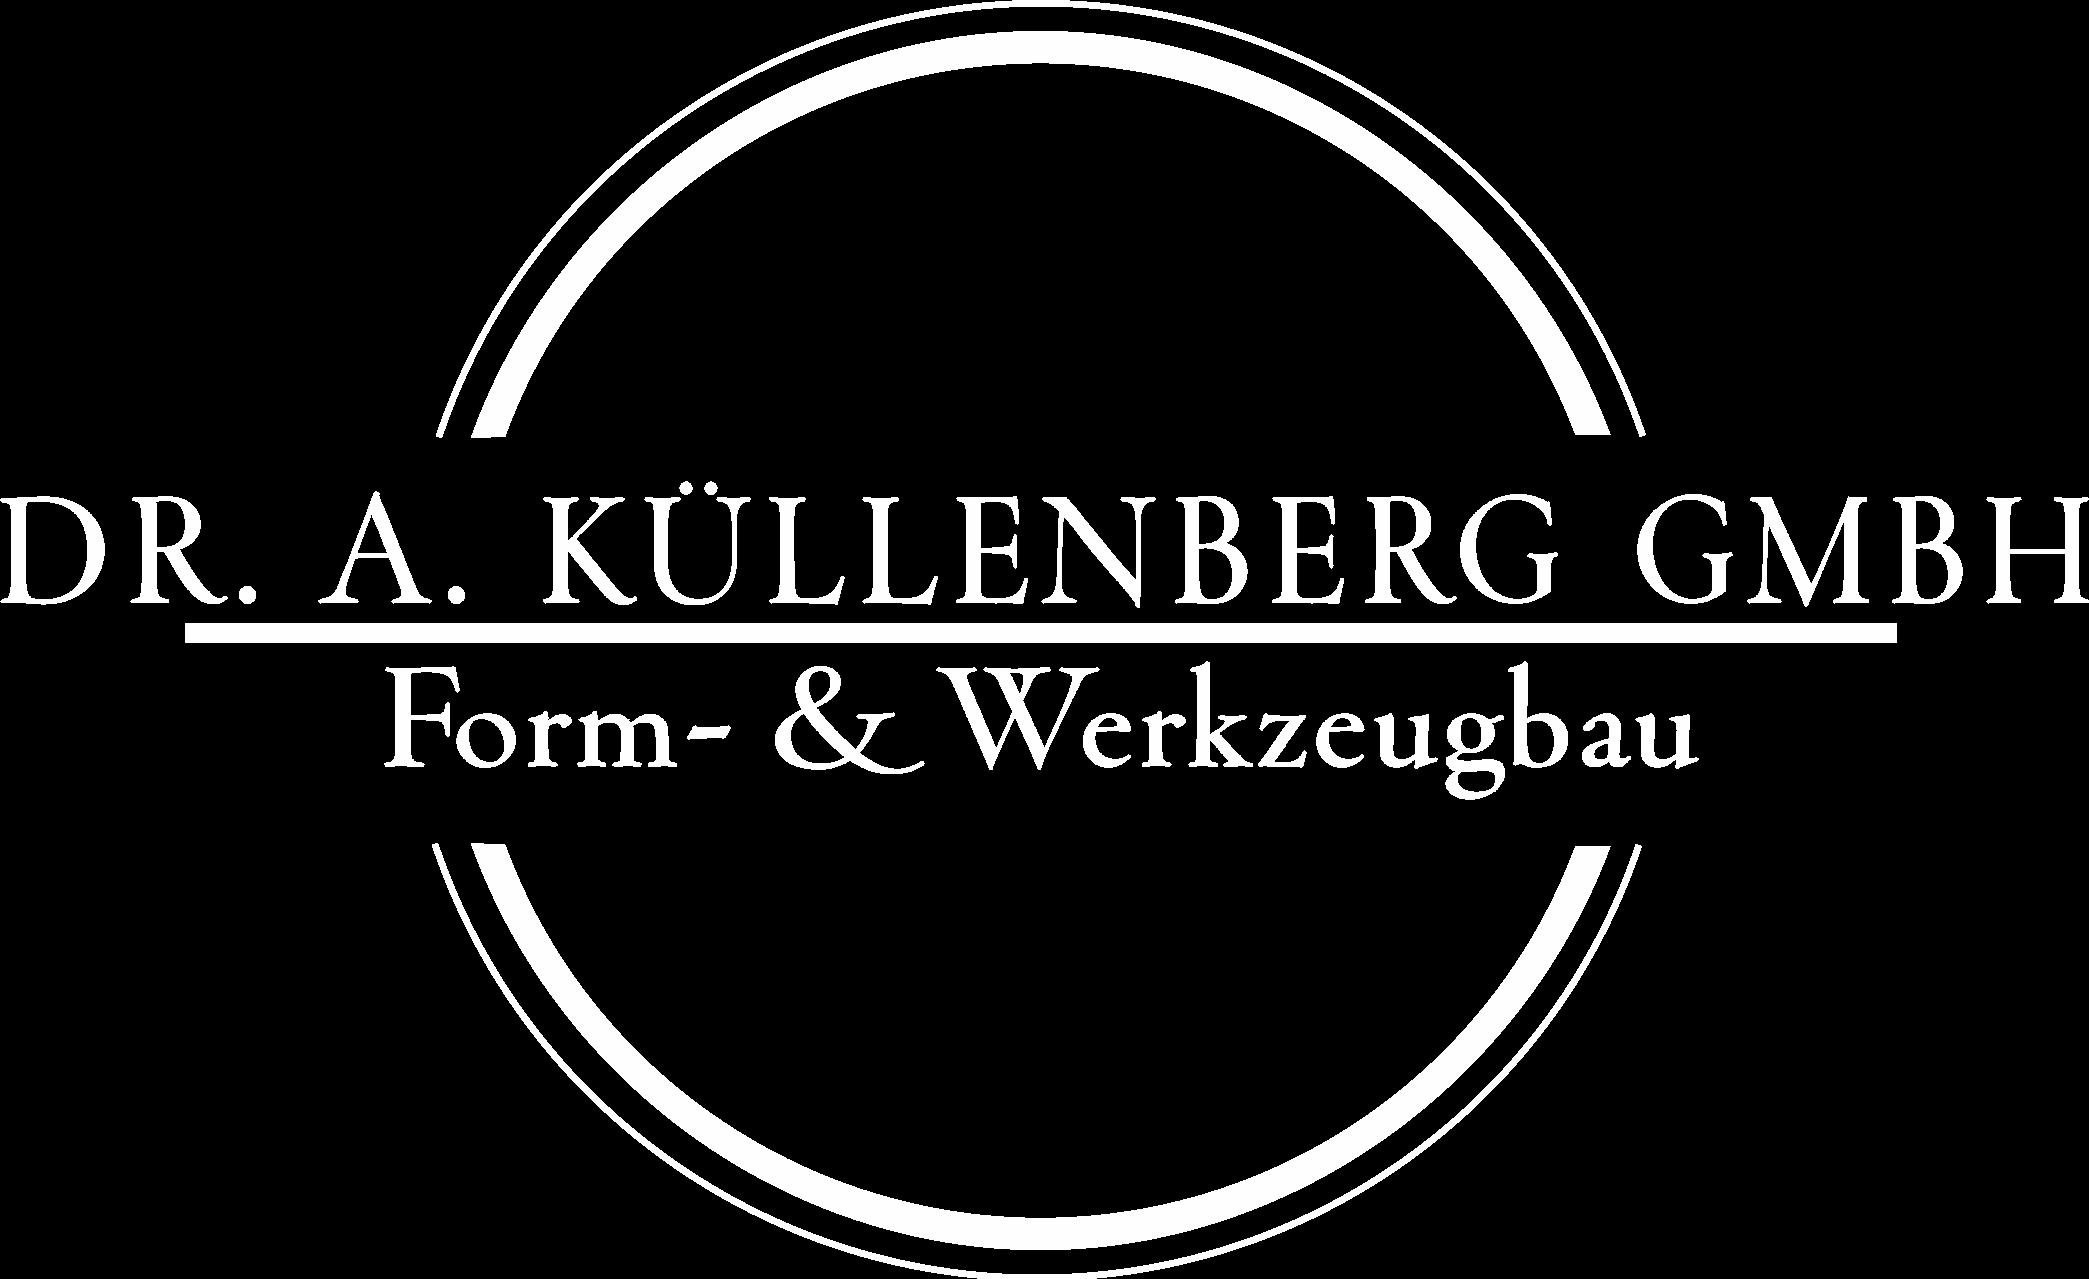 Dr. A. Küllenberg GmbH